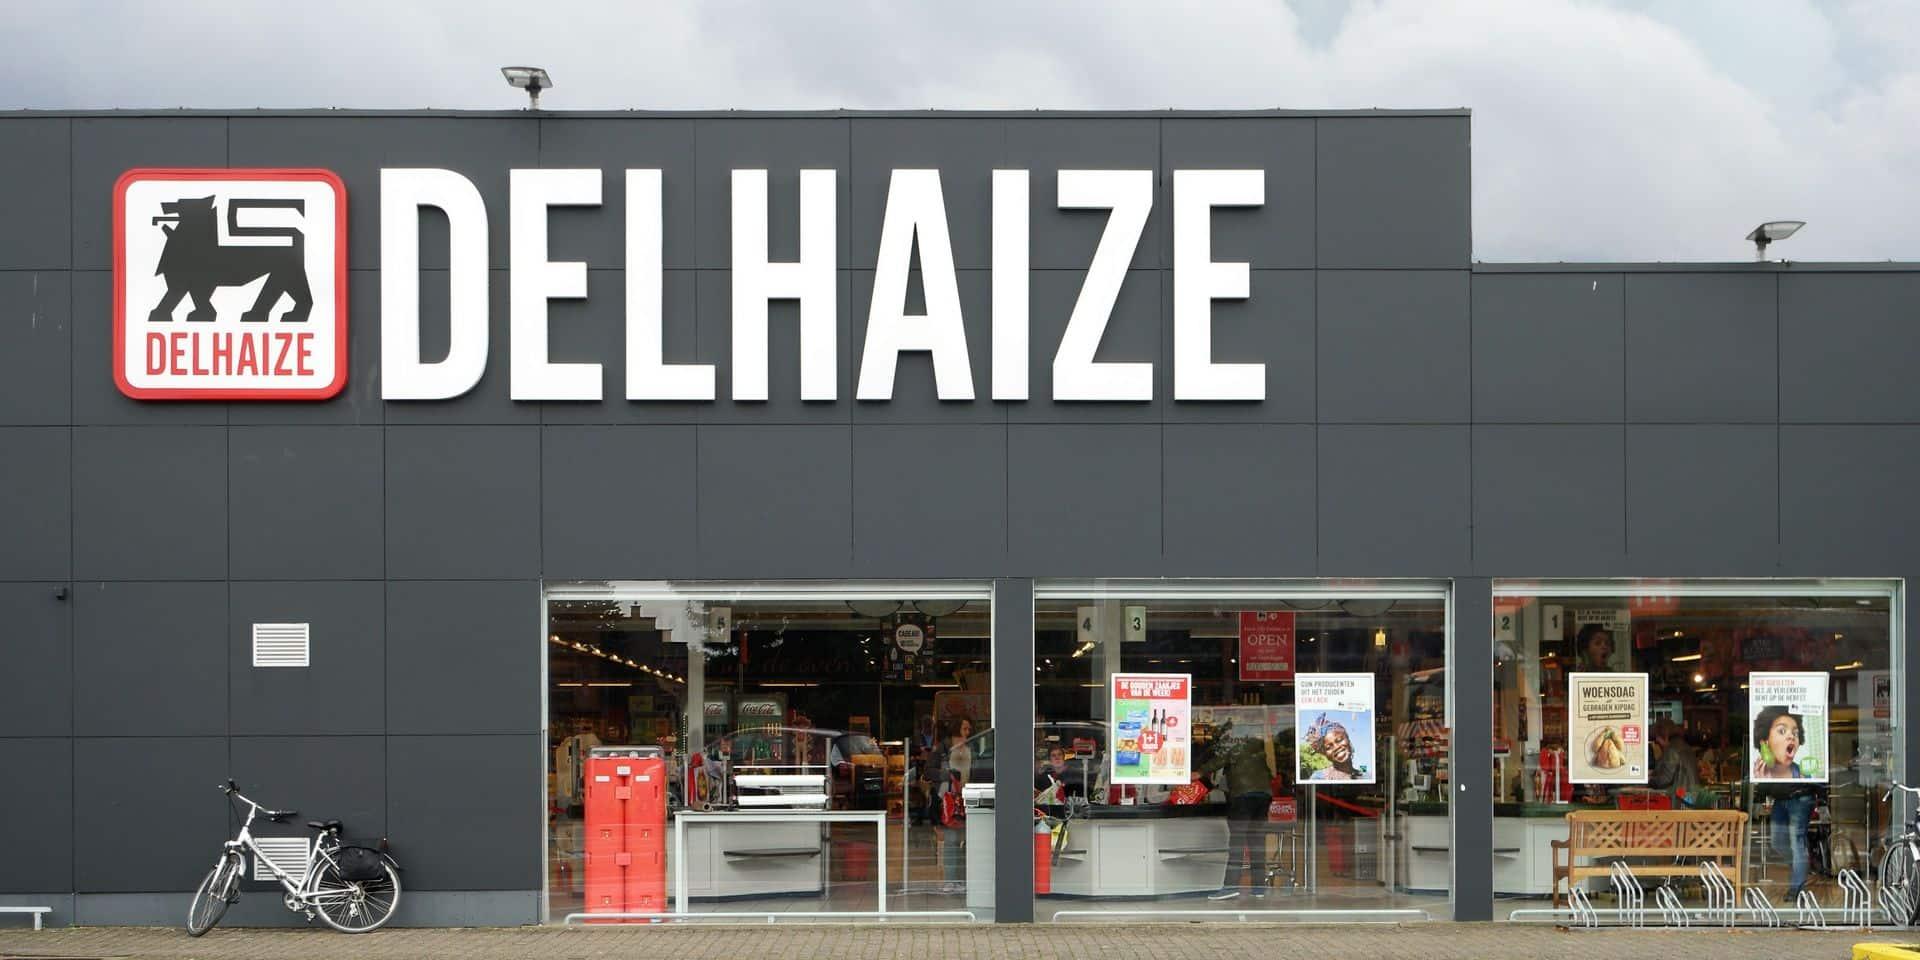 Les travailleurs de Delhaize auront aussi droit à un jour de congé offert